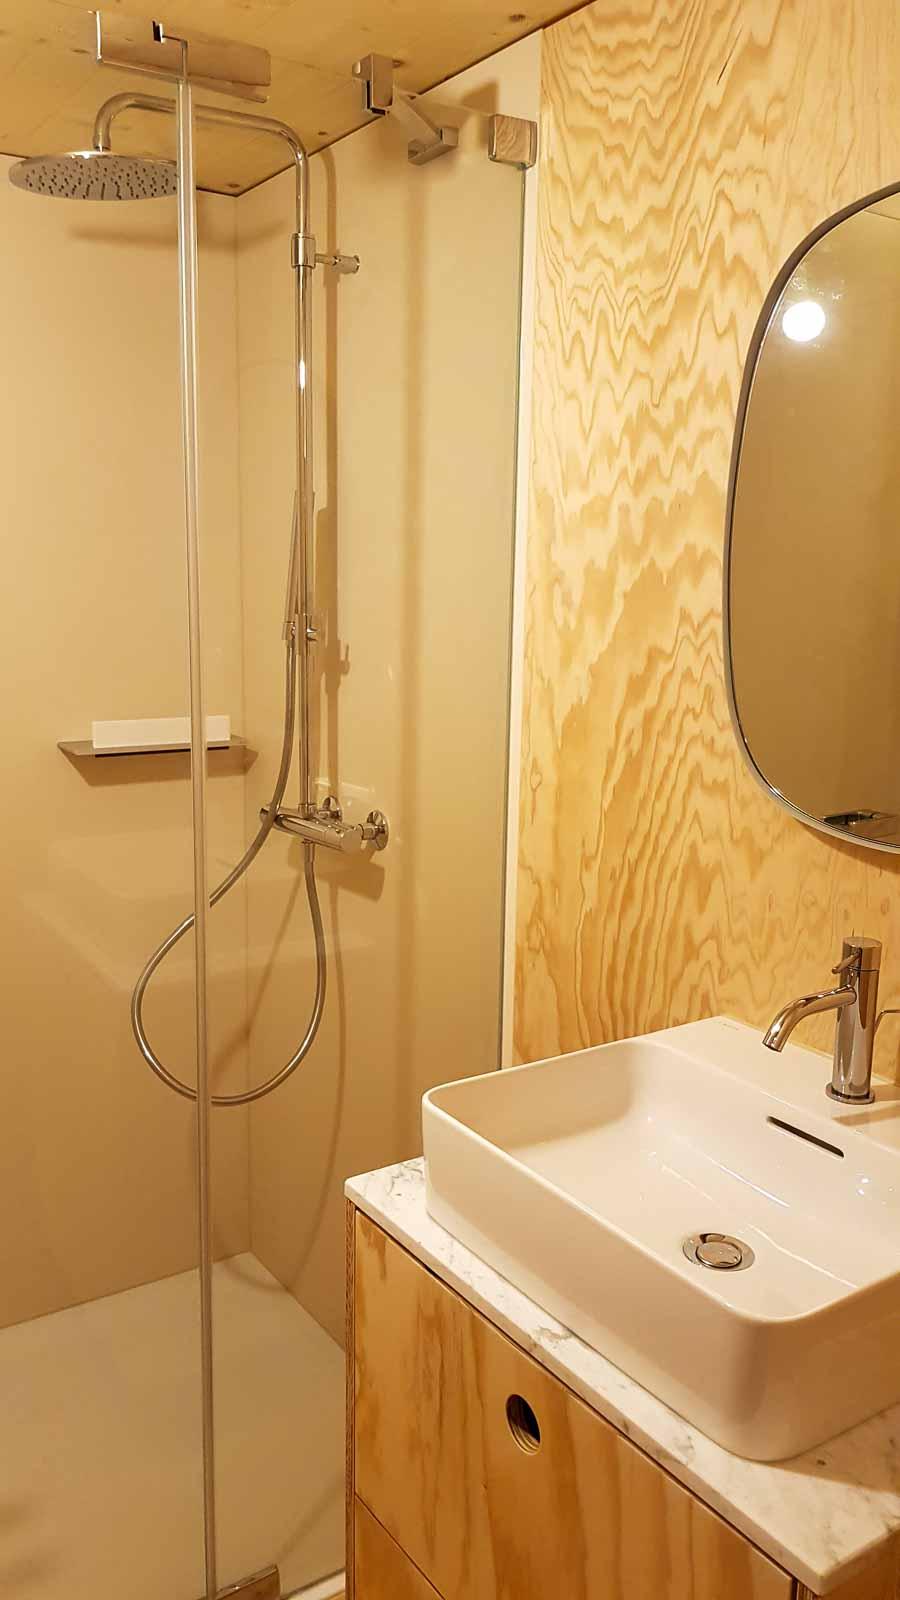 Wooddesign_Holzdesign_Innenausbau Ferienhaus_Altholz_Ferienwohnung_Ferienchalet_Schwarzsee_ Umbau (8)